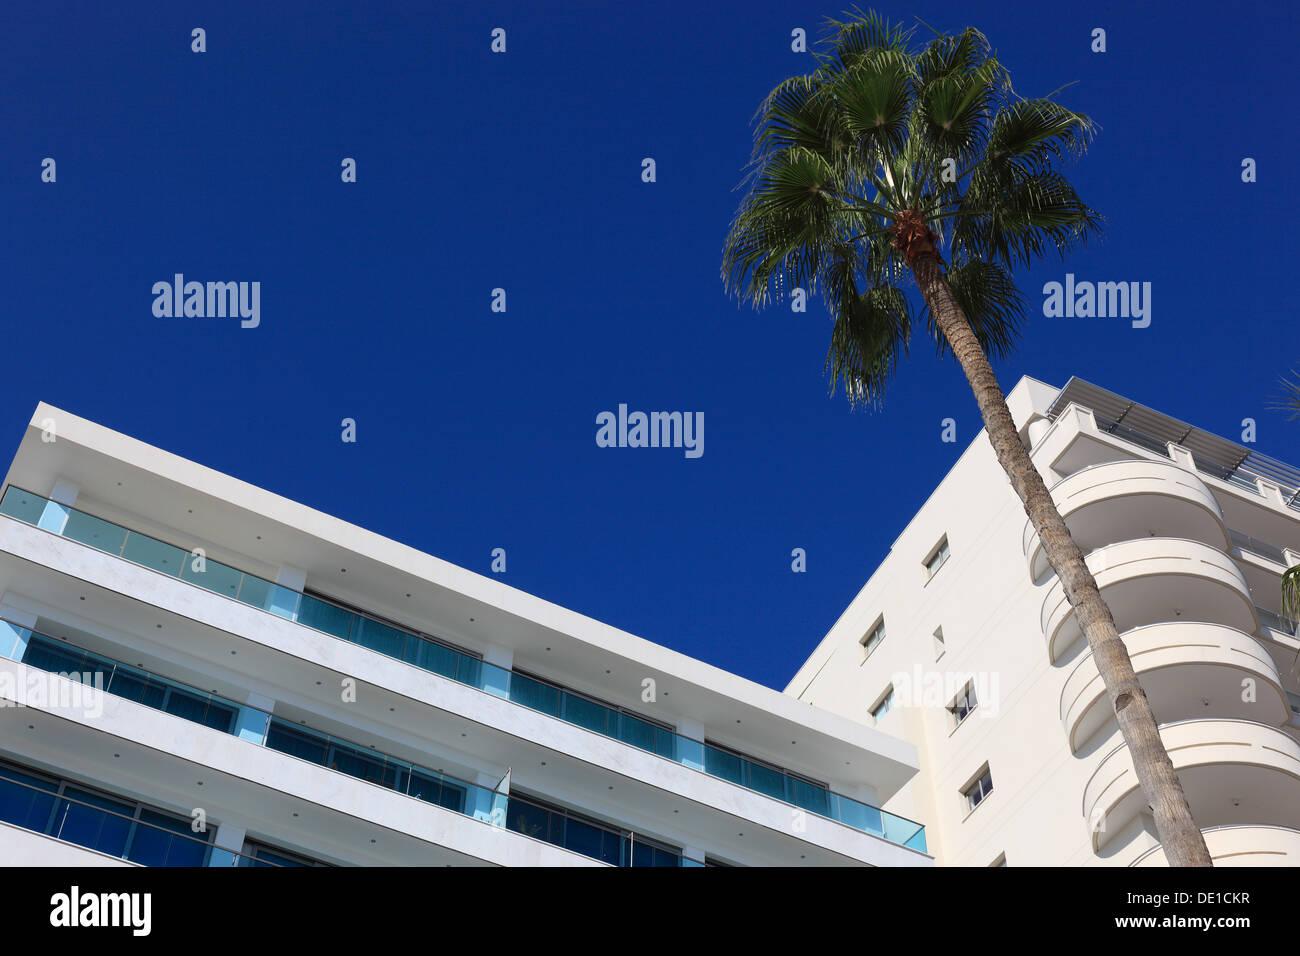 Chypre, Larnaca, l'hôtel, des immeubles résidentiels, des palmiers Photo Stock